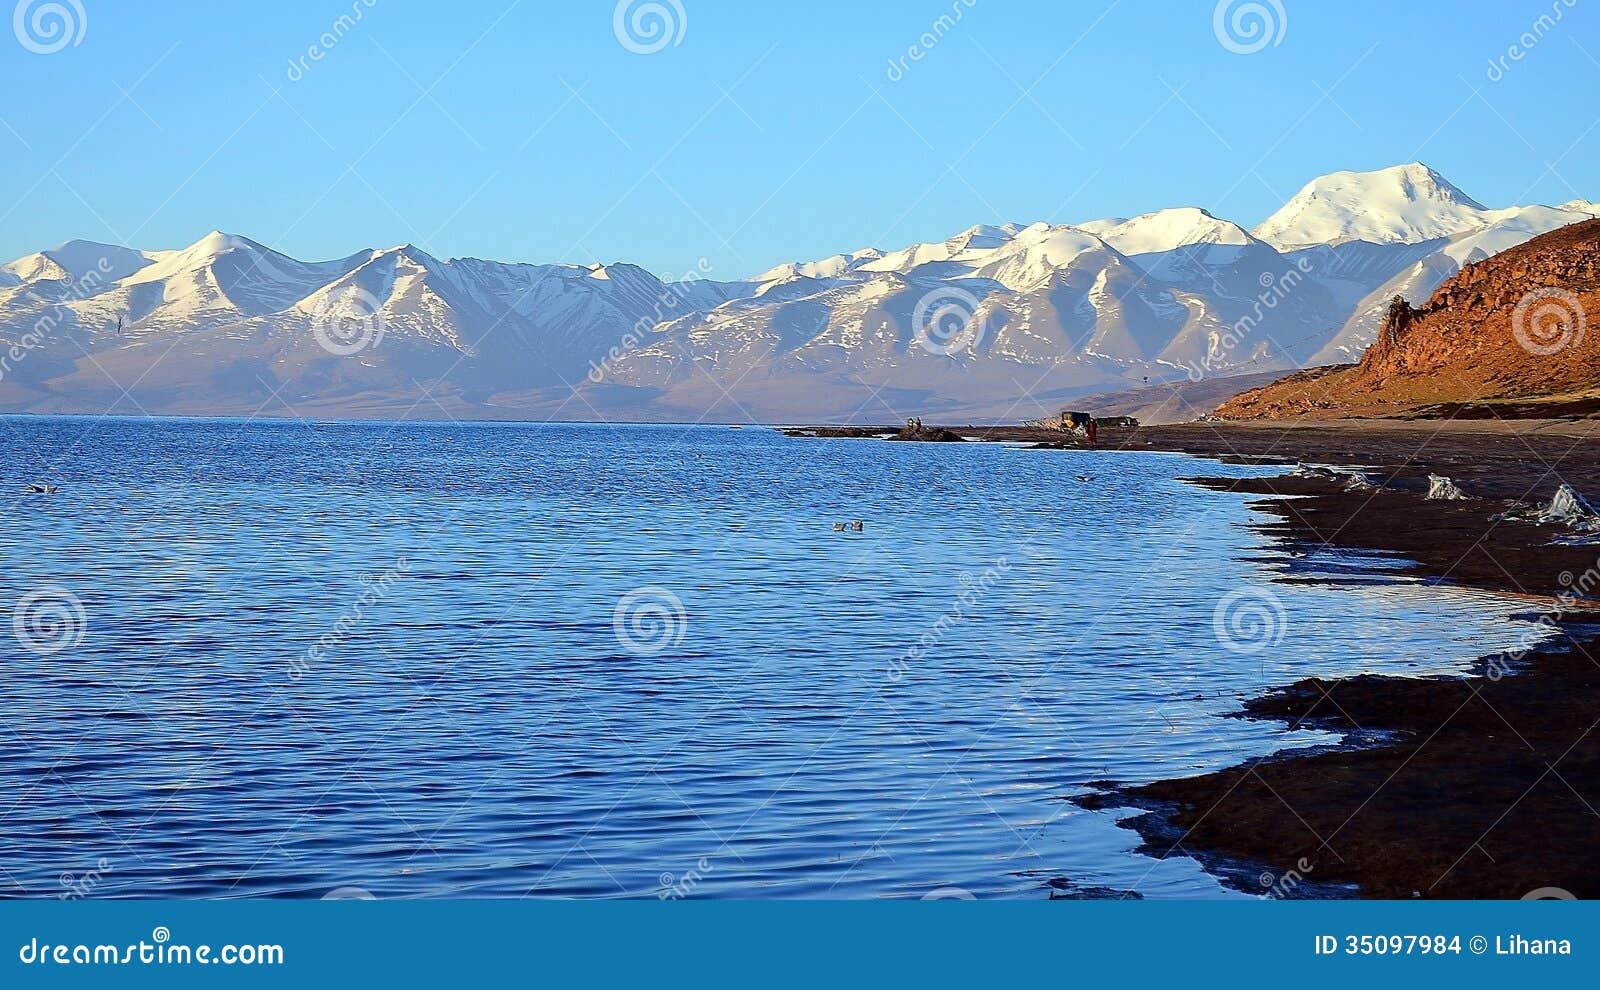 Tibet  Lake Mansarovar  Early morning Mountain Lake  Against the    Early Morning Sky Mountains